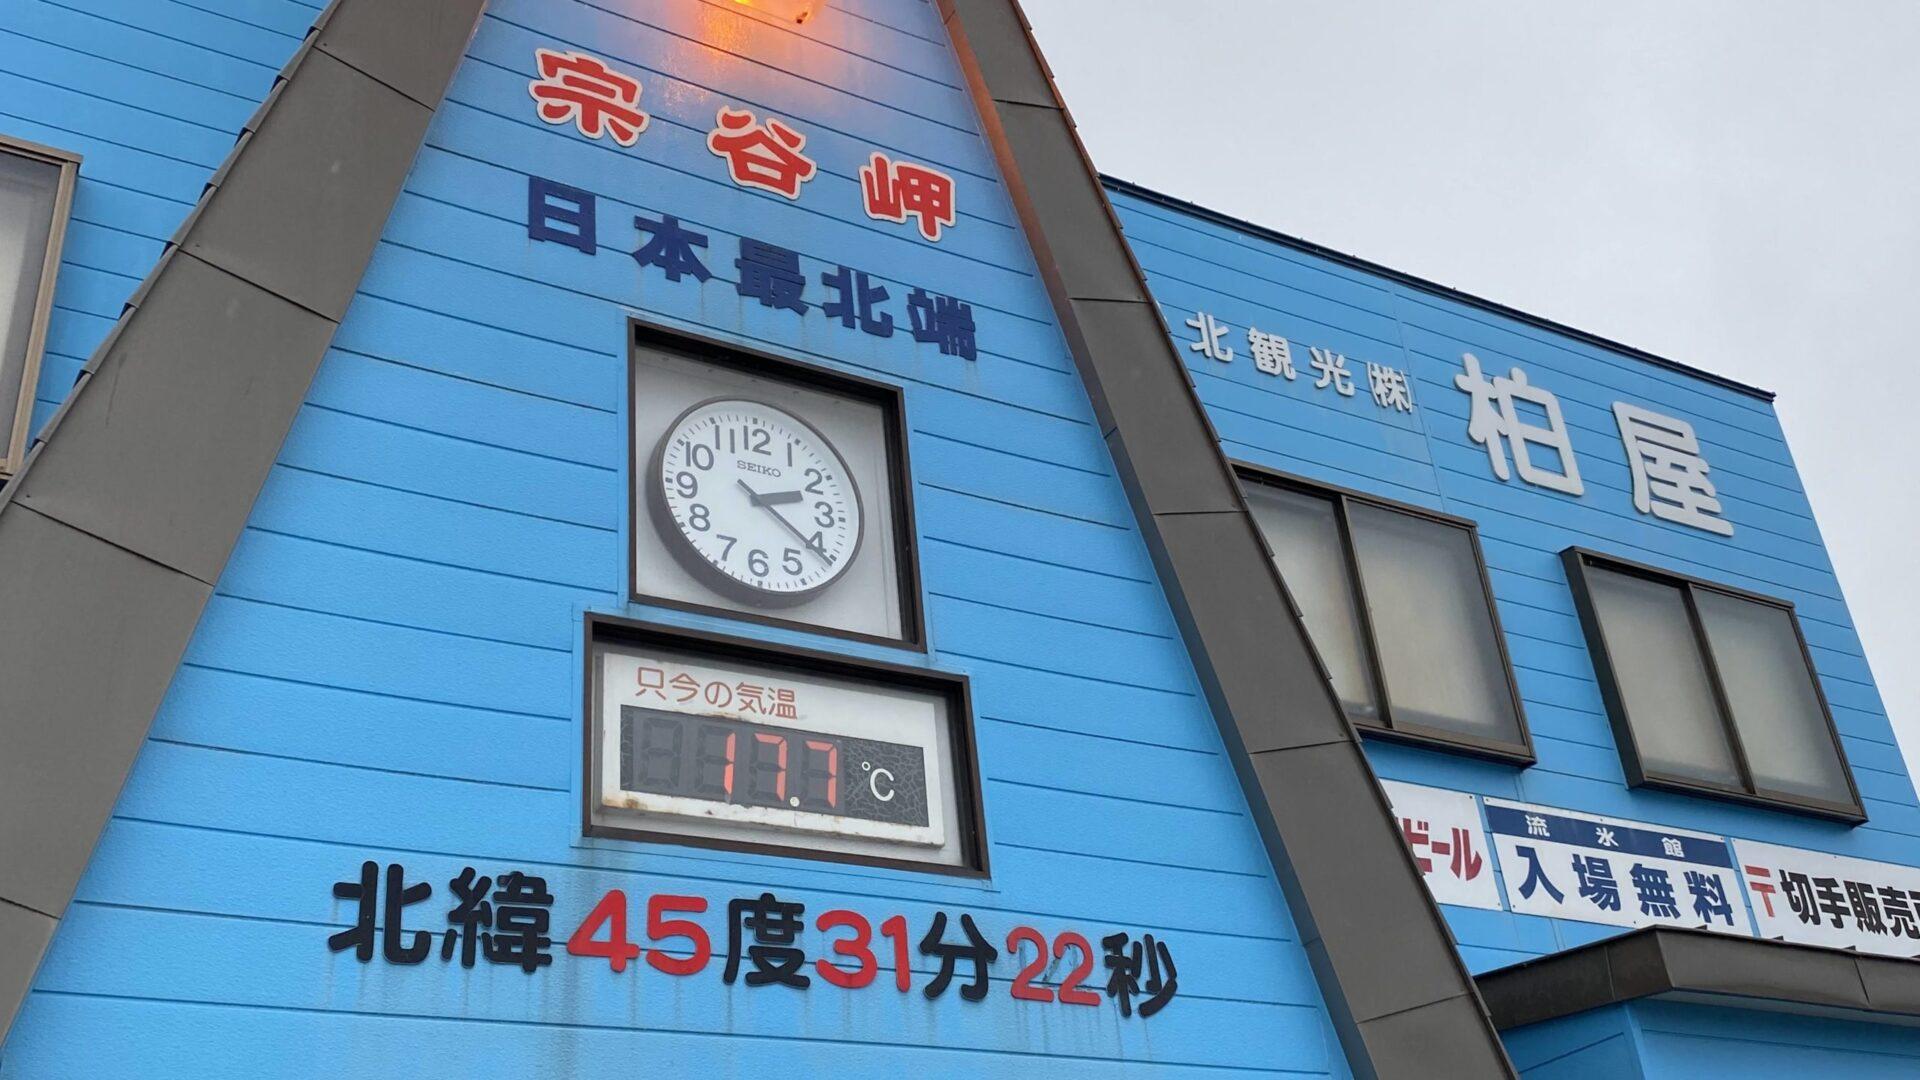 宗谷岬 売店